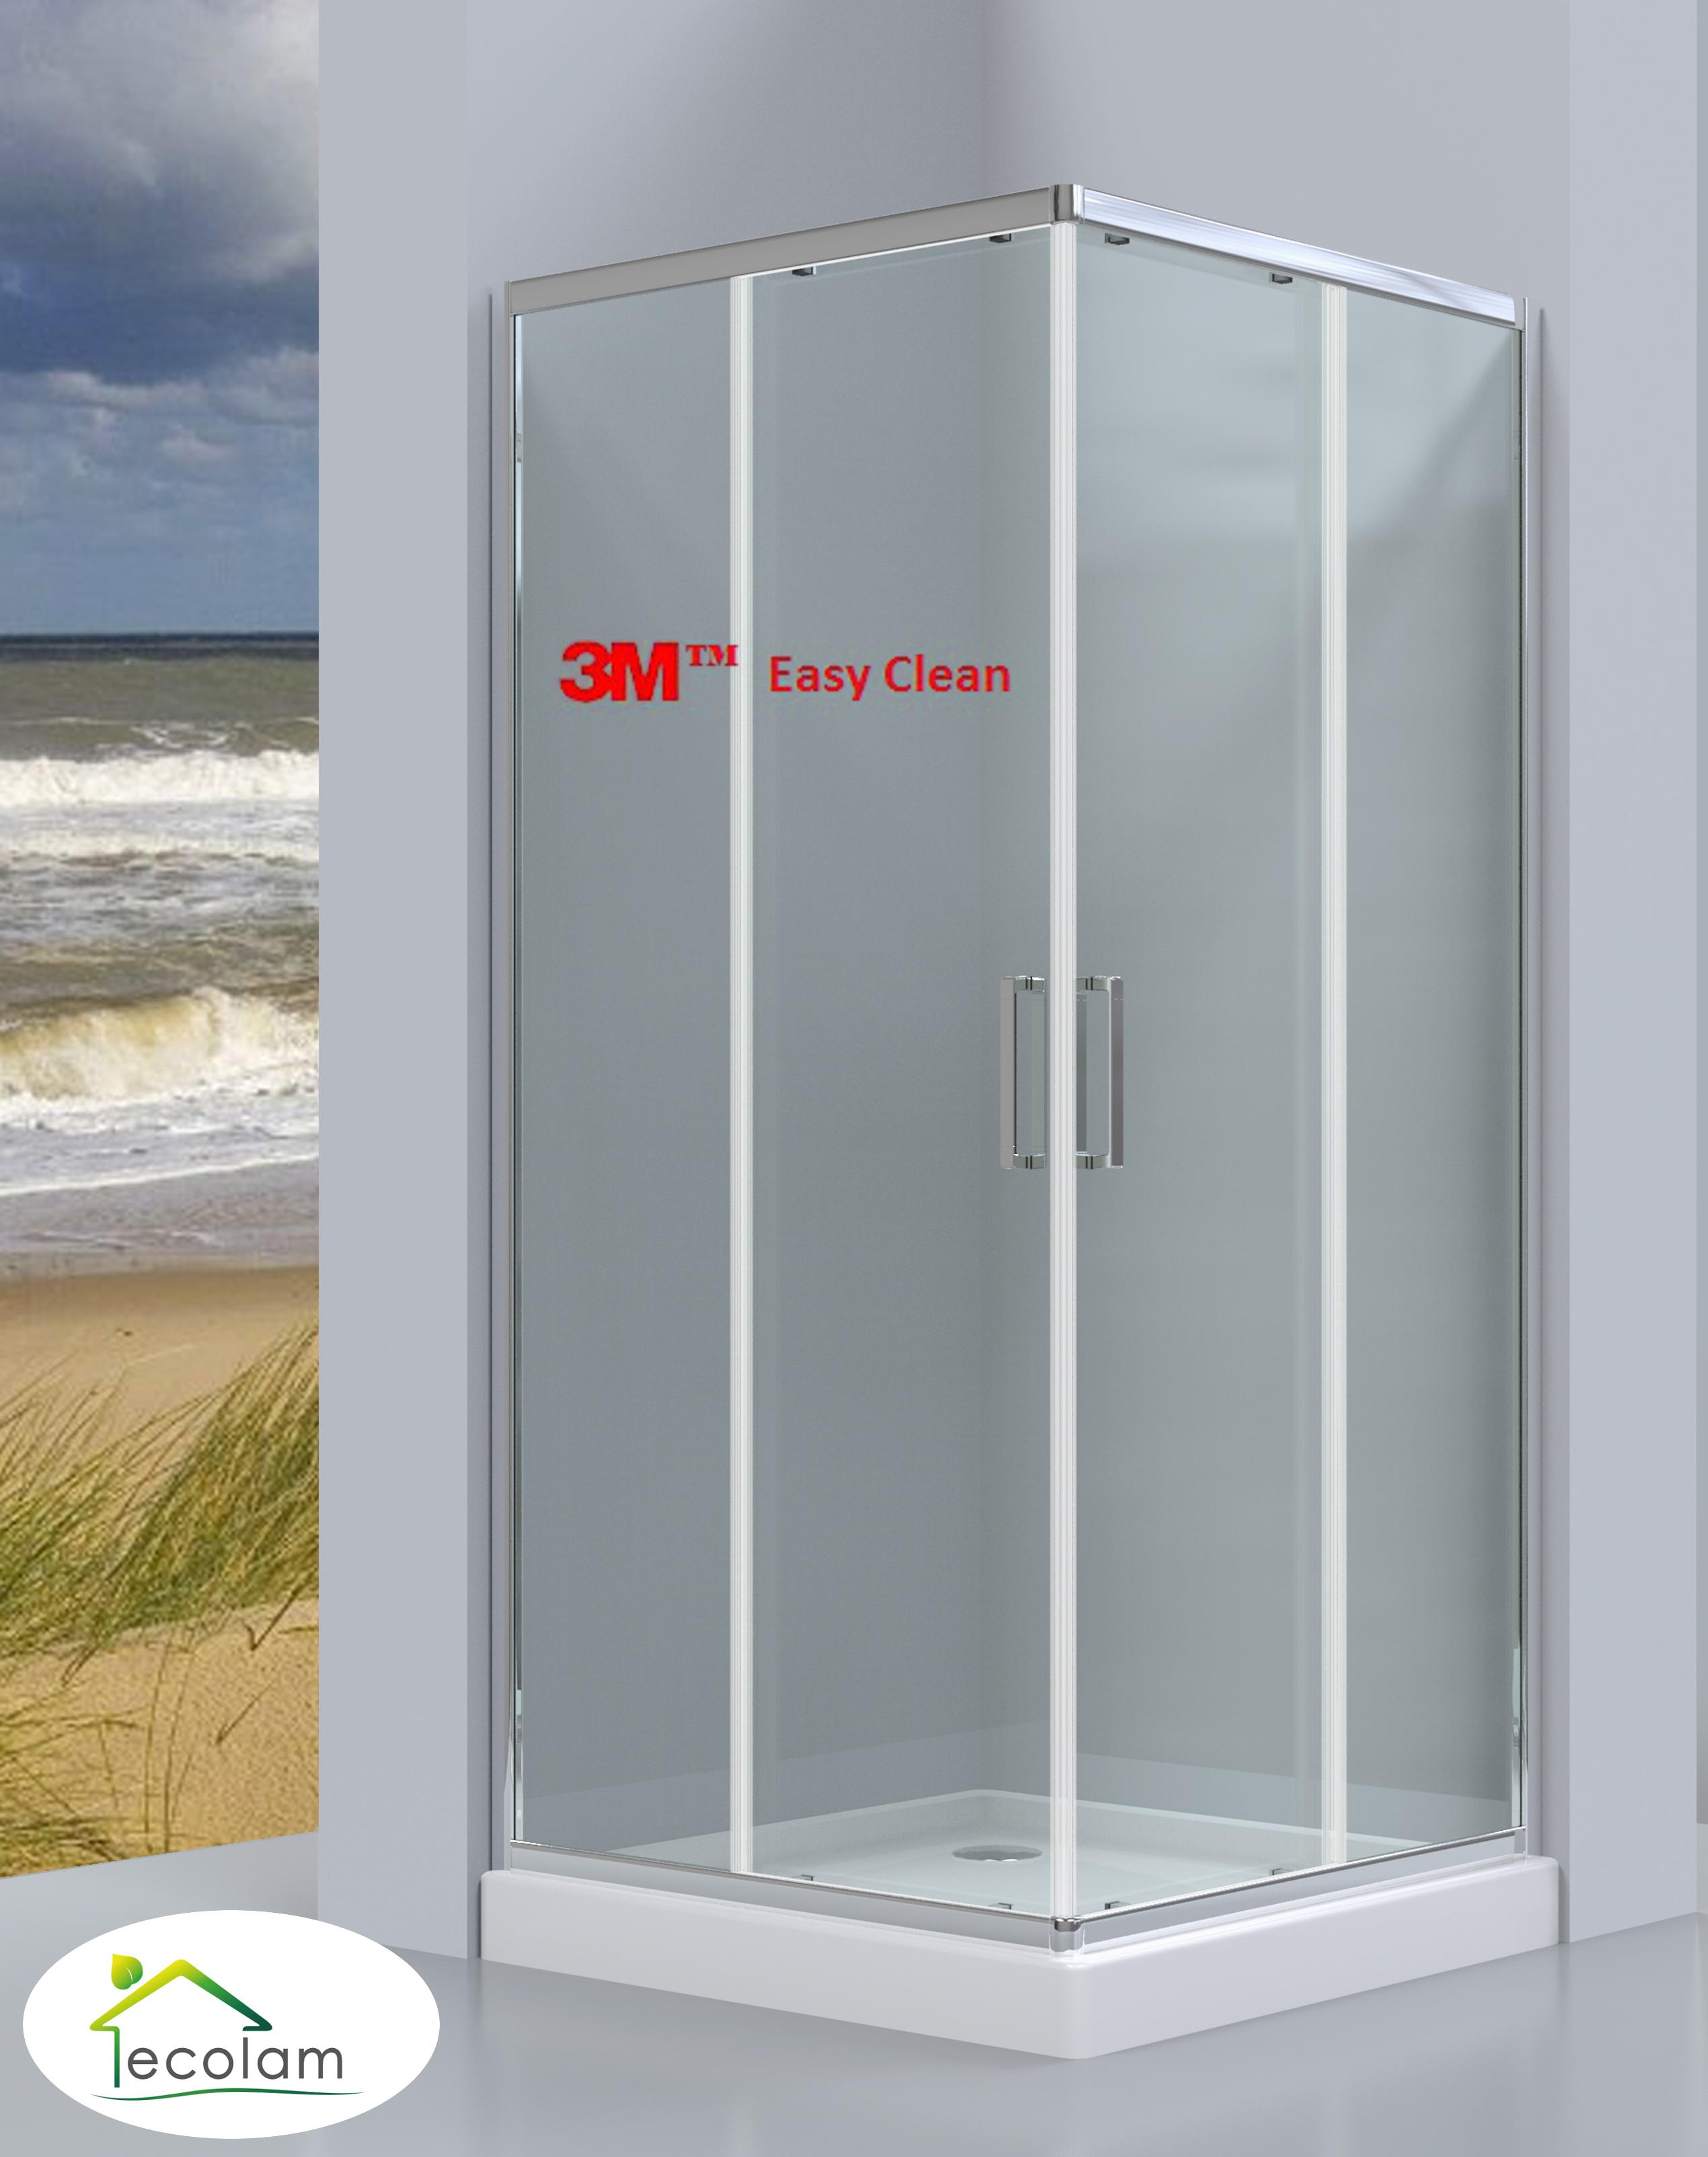 duschkabine duschabtrennung viereck glas easy clean 80x80 190 cm transparent ch. Black Bedroom Furniture Sets. Home Design Ideas